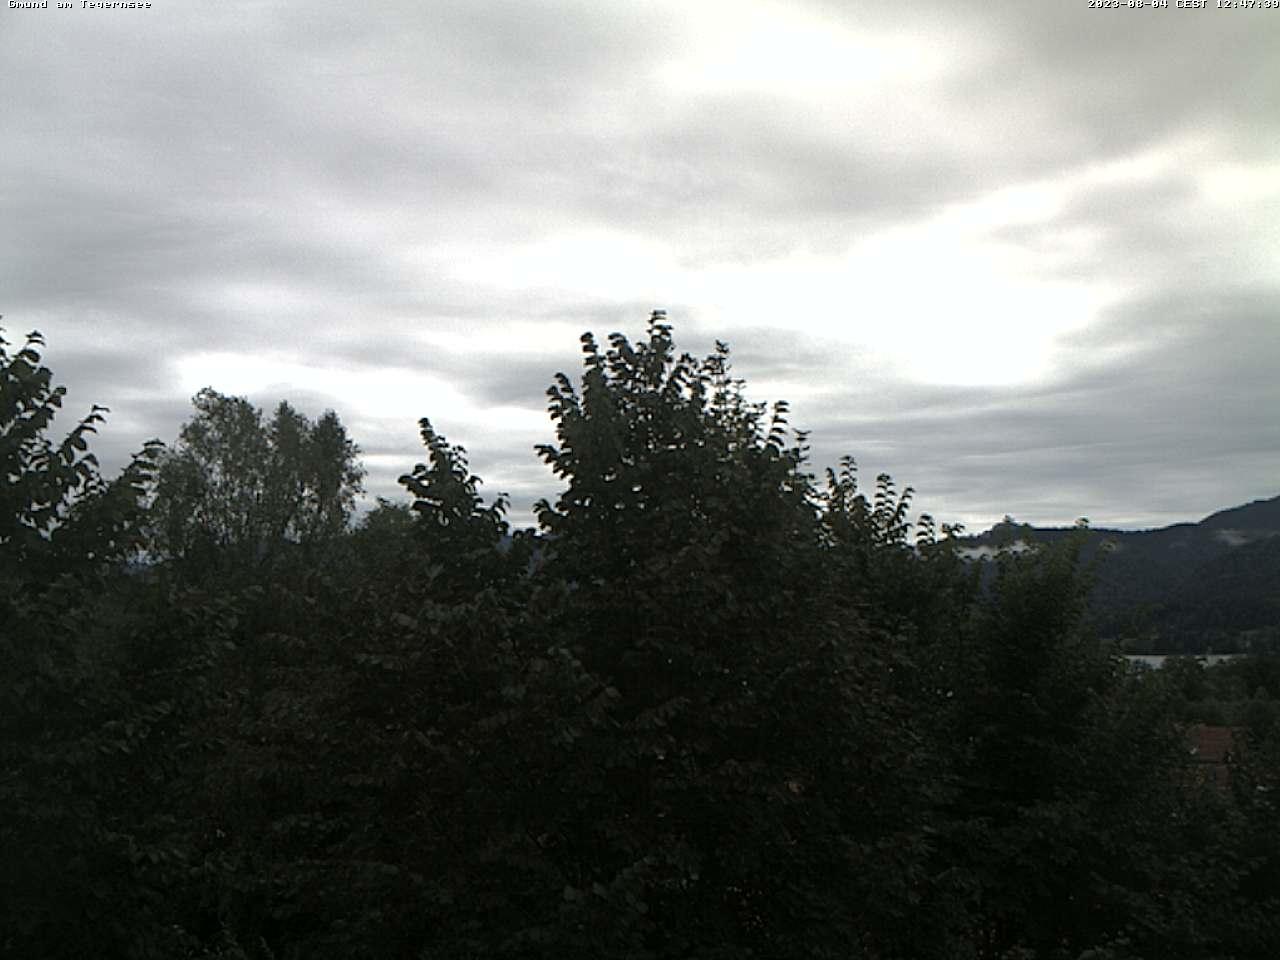 Webcam Skigebiet Gmund - �dberg Gmund - Oberbayern